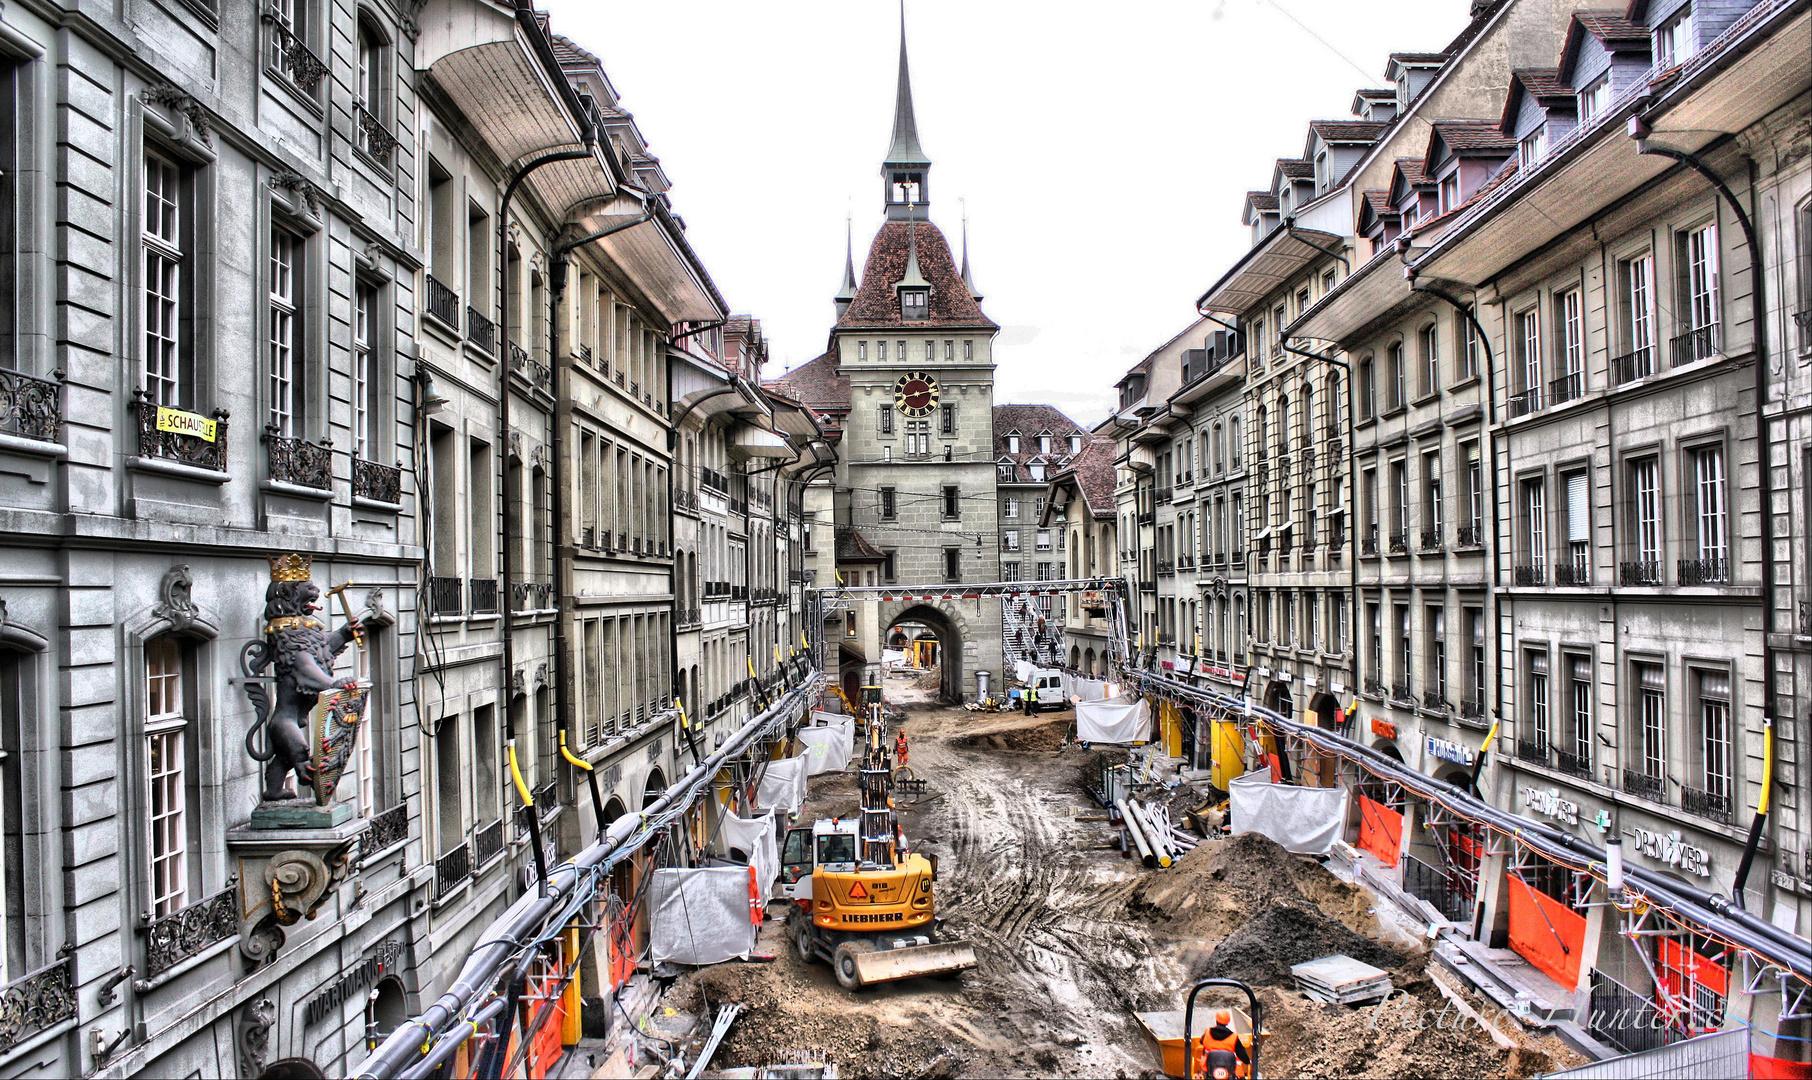 Berner Marktgasse